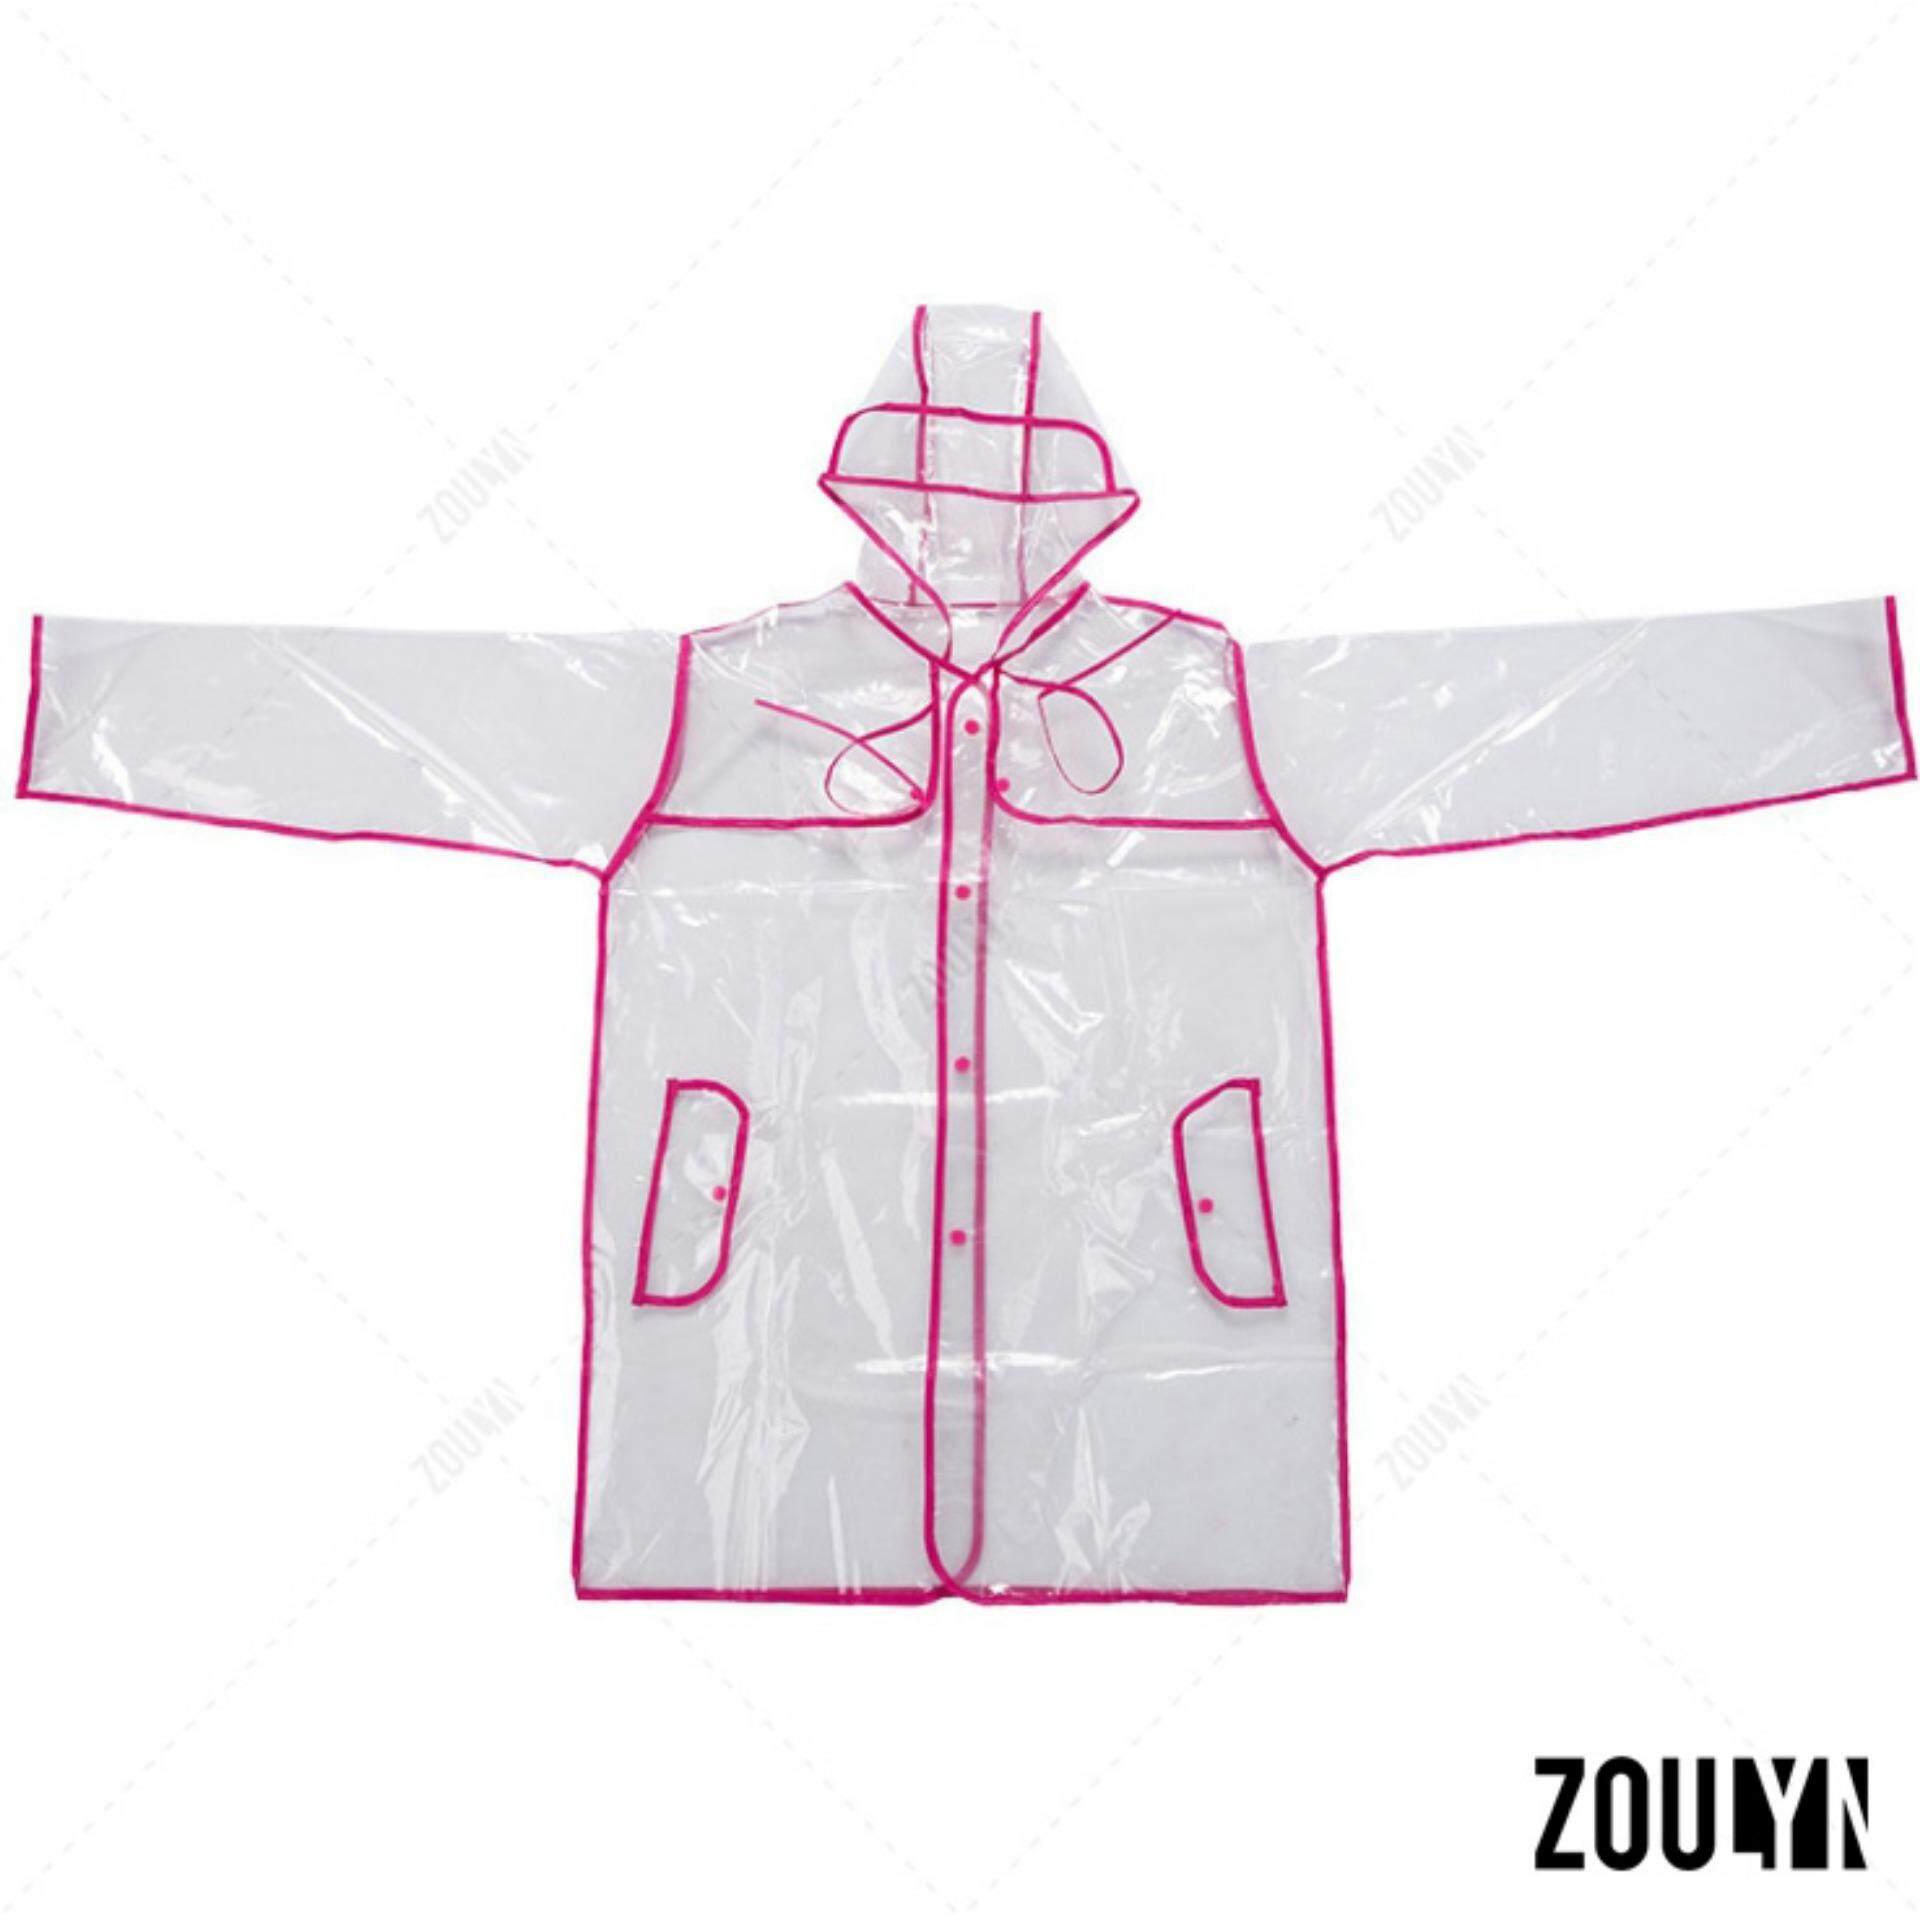 ซื้อ Zoulyn เสื้อกันฝน แฟชั่น โปร่งใส Fashion Transparent Waterproof Rain Coat ชุดกันฝน สไตล์ญี่ปุ่น รุ่น Kdf 0006 สีชมพู Pink ถูก ใน กรุงเทพมหานคร